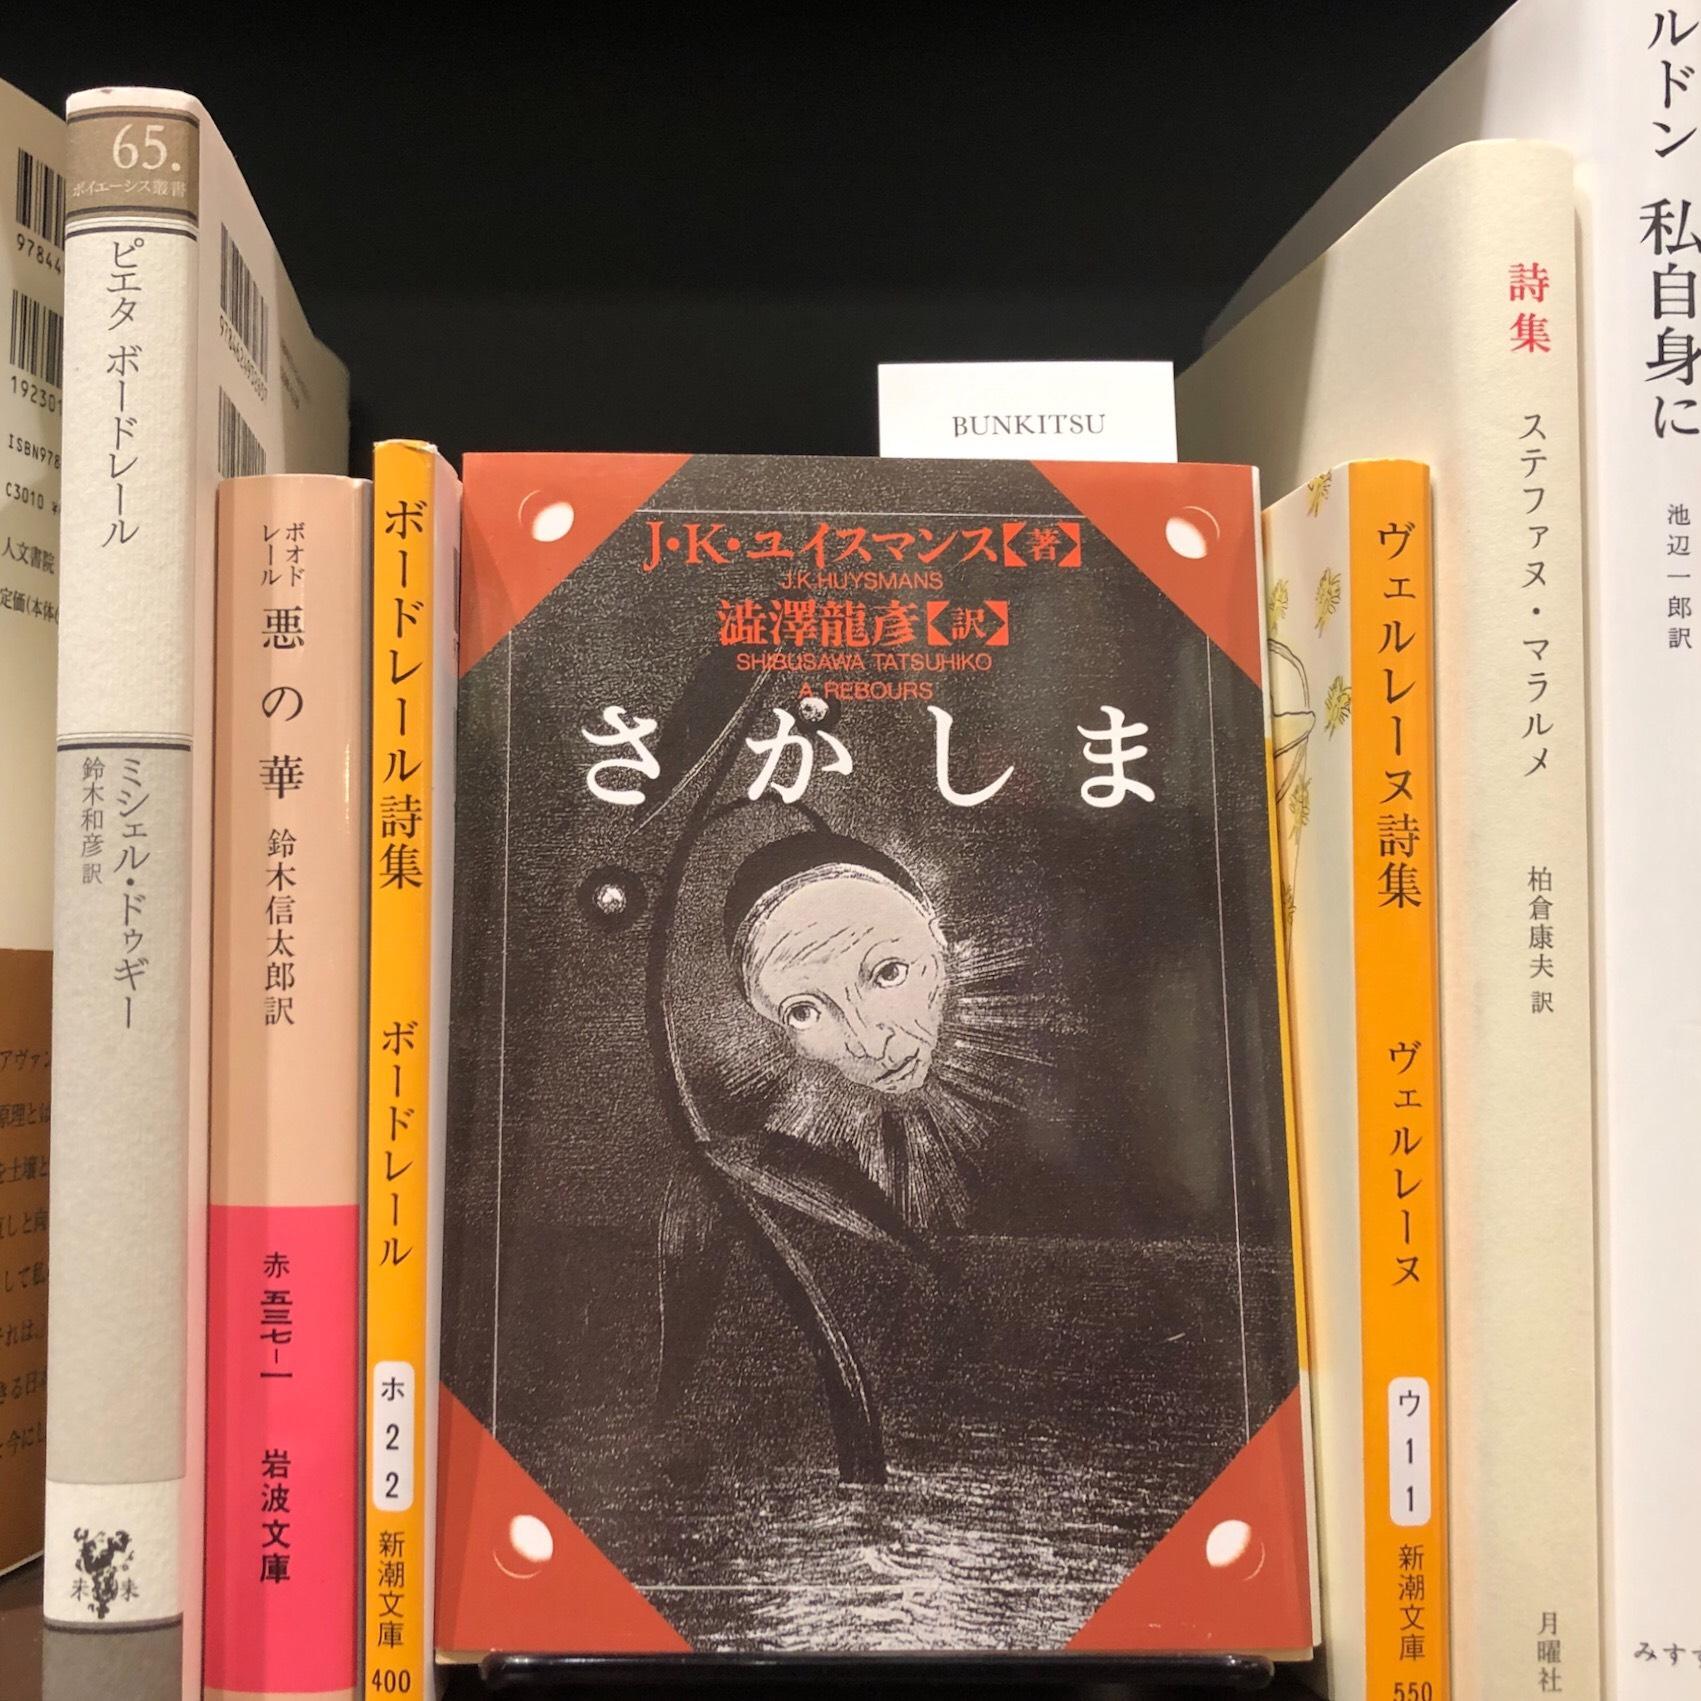 J.K. ユイスマンス『さかしま』(河出書房新社)